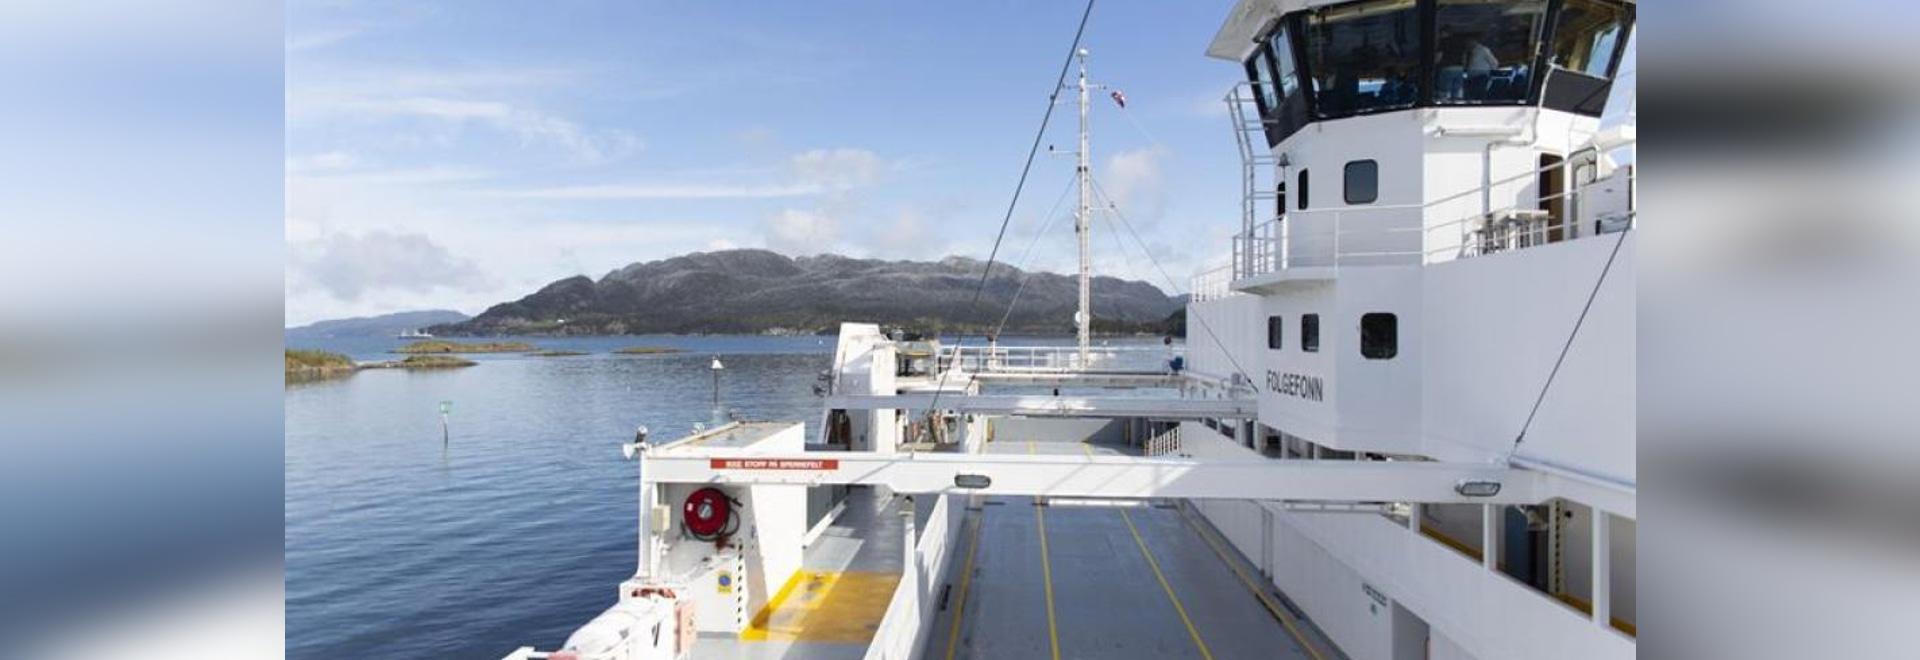 Wärtsilä décroche une commande pour le premier système d'auto-docking disponible sur le marché mondial